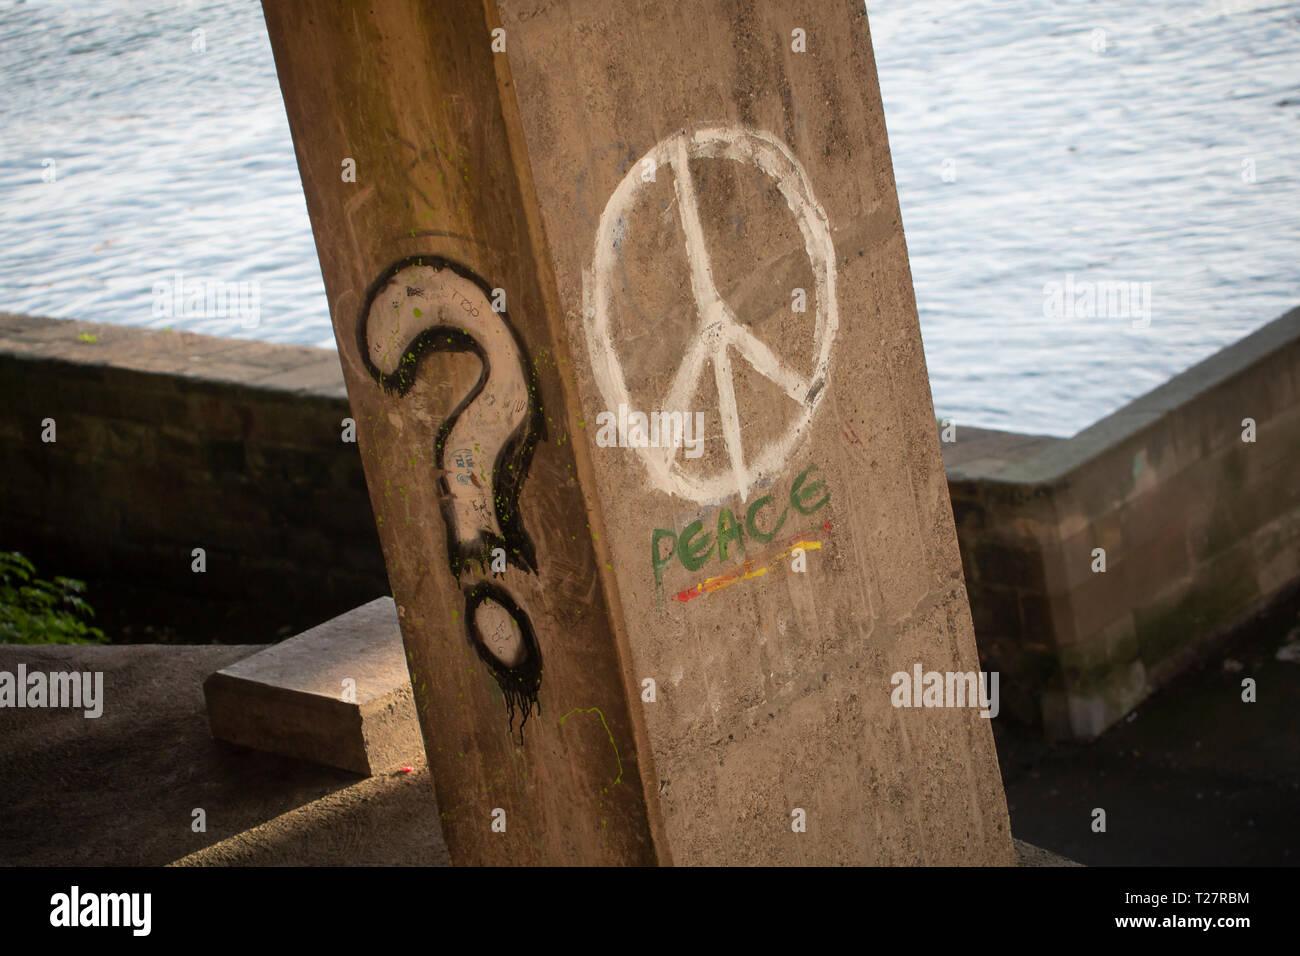 Graffiti sul Bridge supporta - punto interrogativo e la pace a livello internazionale il simbolo della pace, CND. Immagini Stock